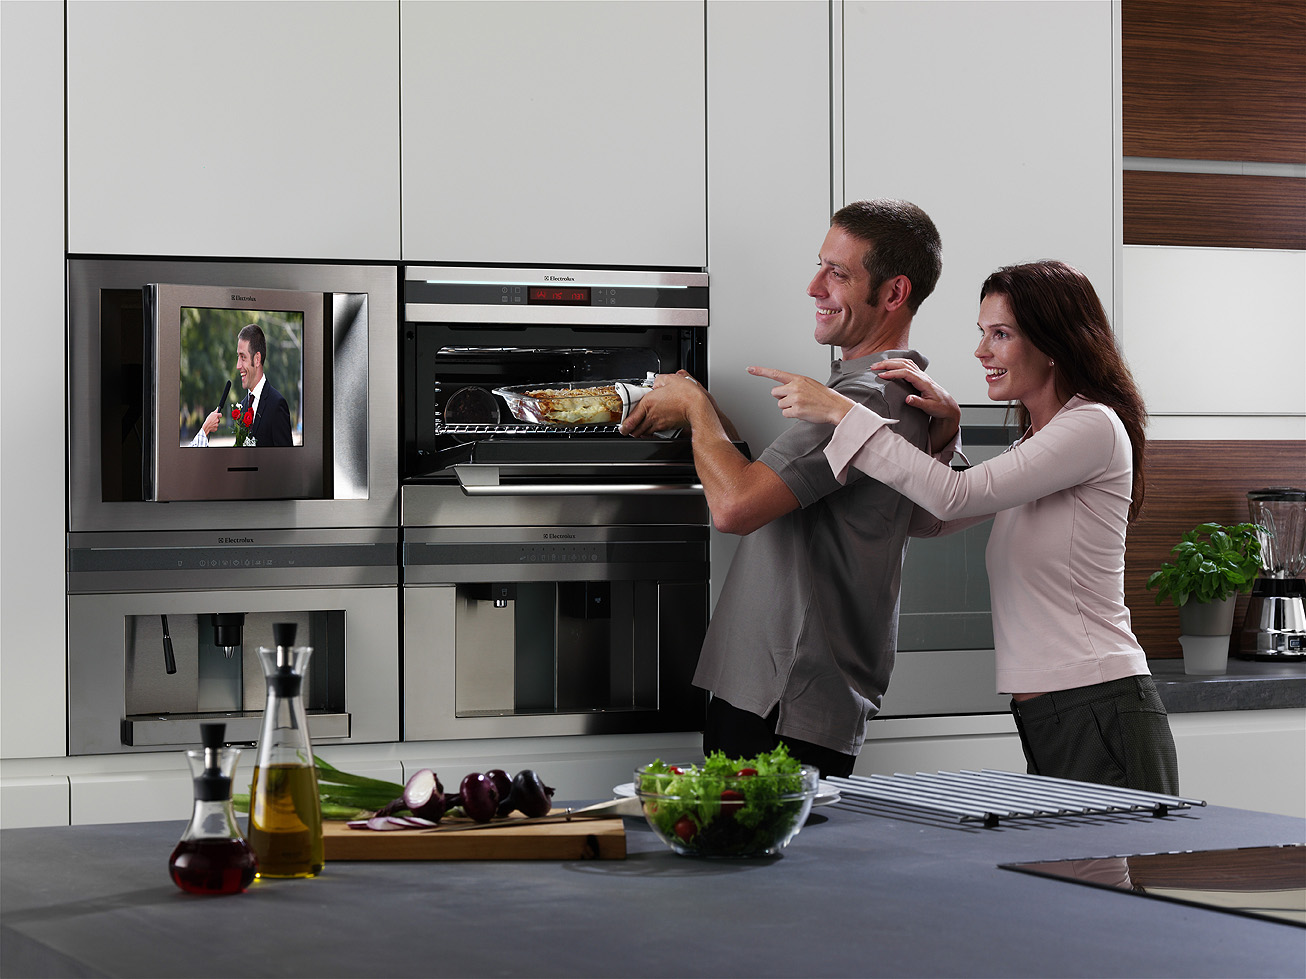 Телевизор в современной кухне